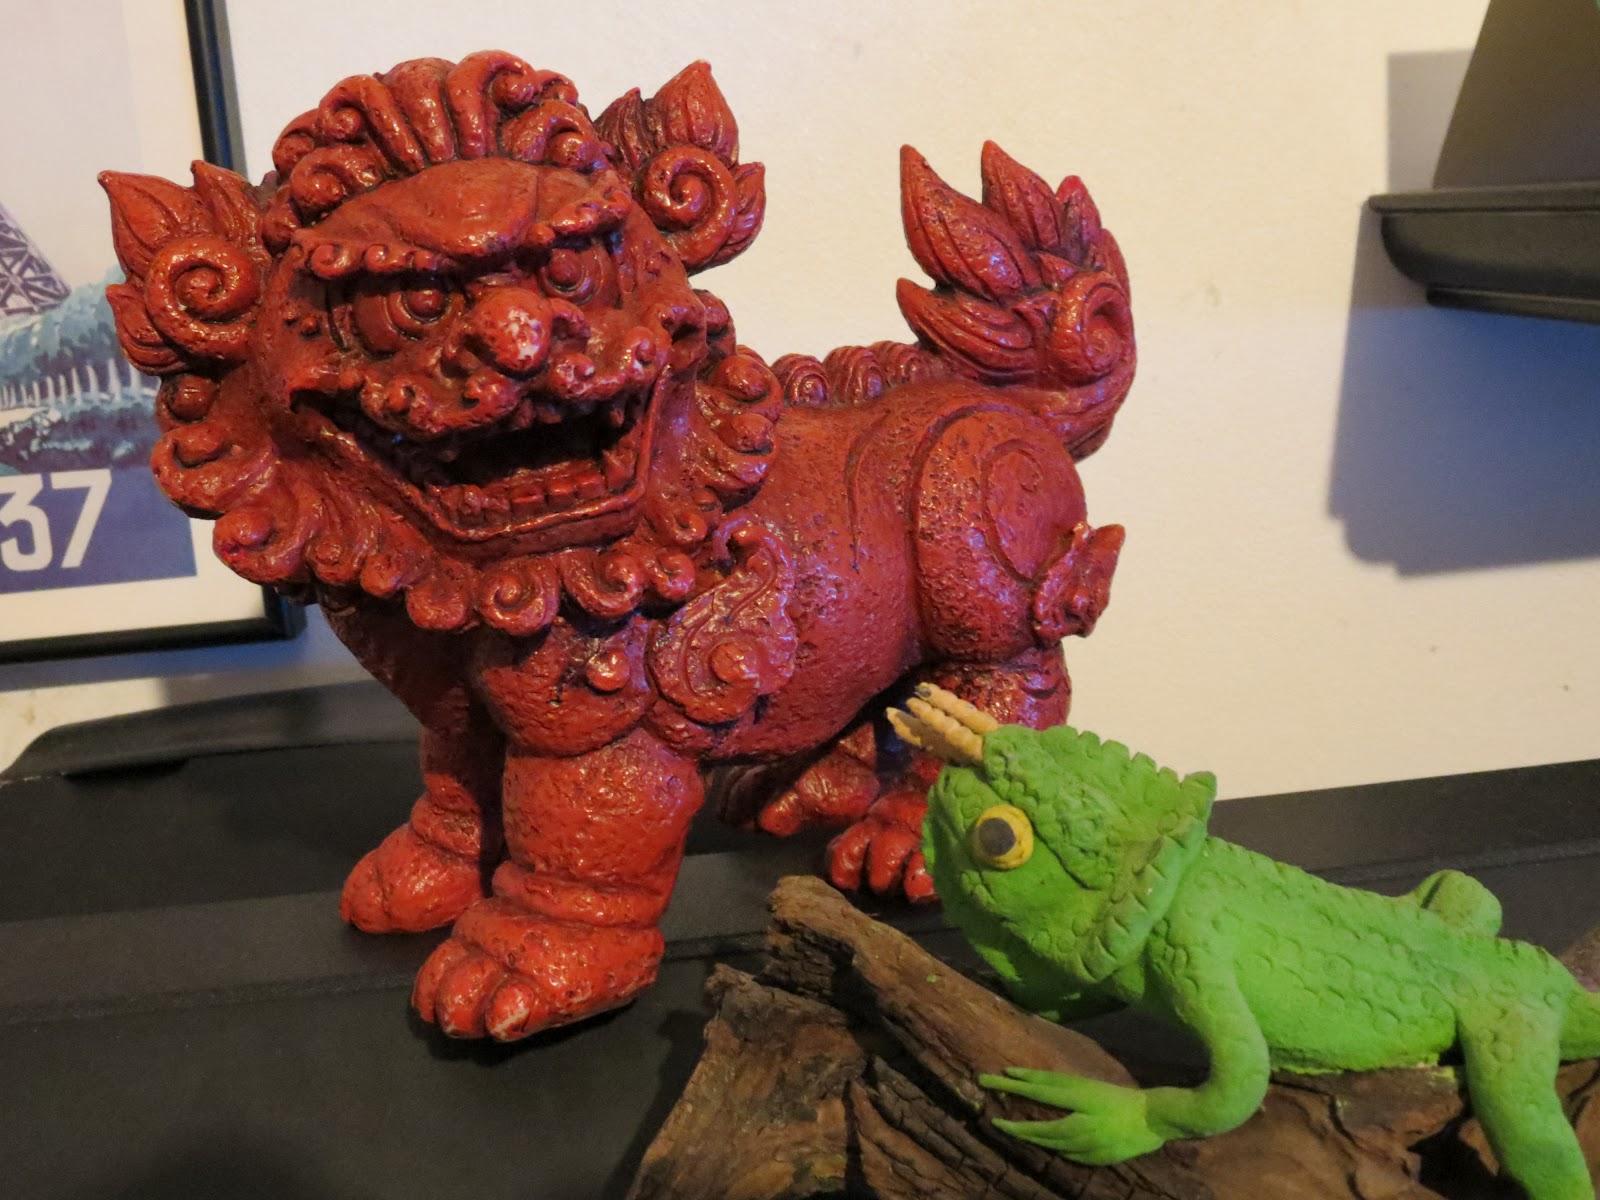 http://2.bp.blogspot.com/-_lIrqMO7Vxw/UFDMFF6goCI/AAAAAAAAFSg/SomynSCLf-4/s1600/26-28-chameleon1.JPG